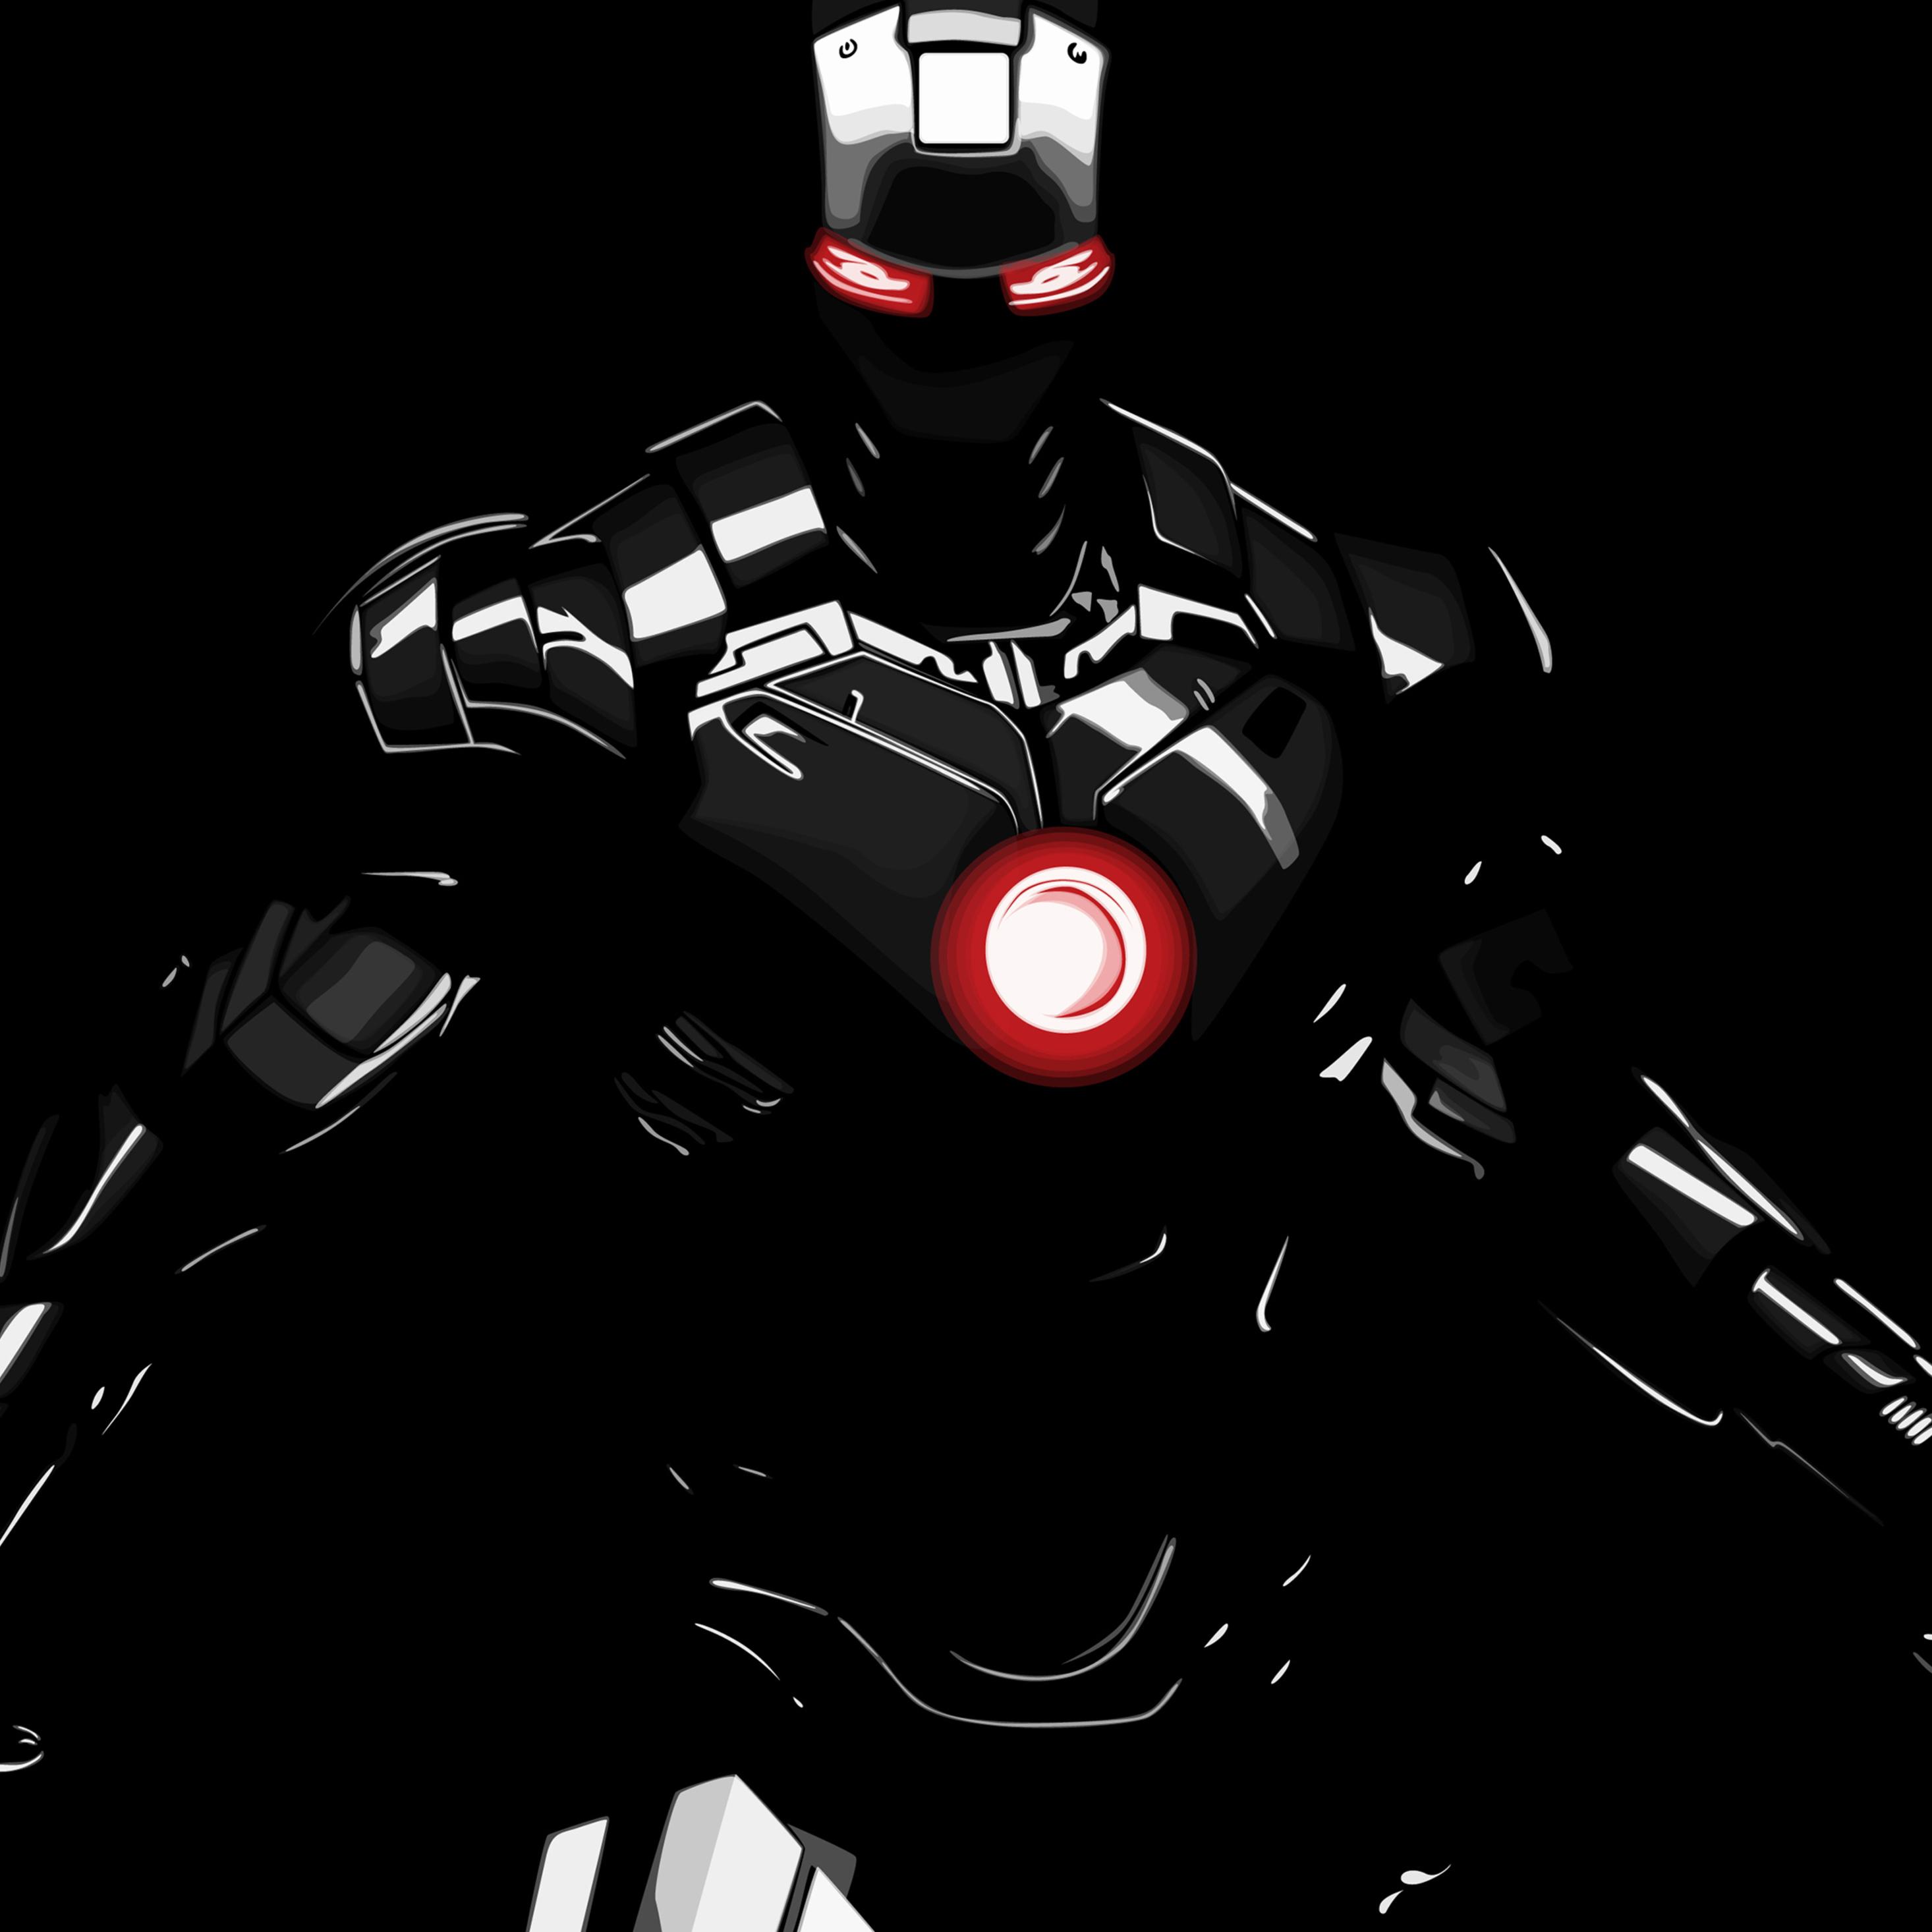 2932x2932 Dark Iron Man Ipad Pro Retina Display HD 4k